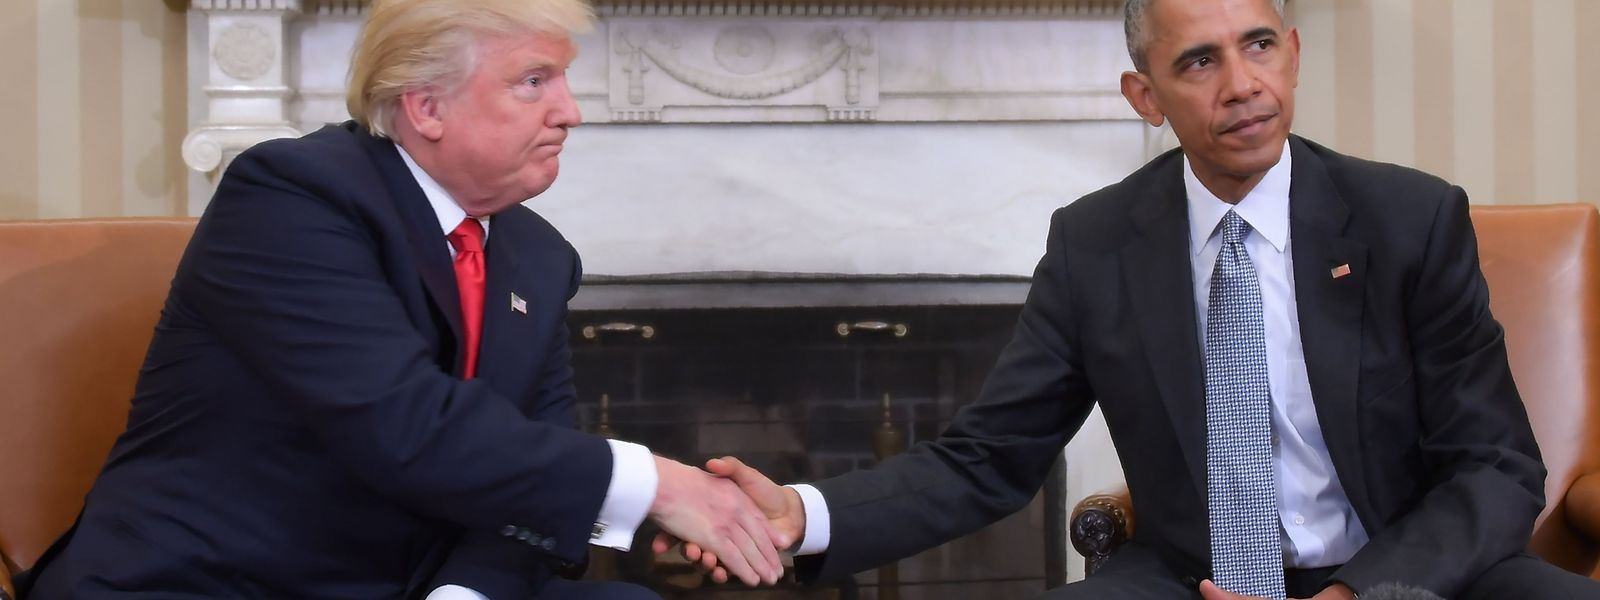 Seit langem ziemlich beste Feinde: US-Präsident Donald Trump und sein Amtsvorgänger Barack Obama.